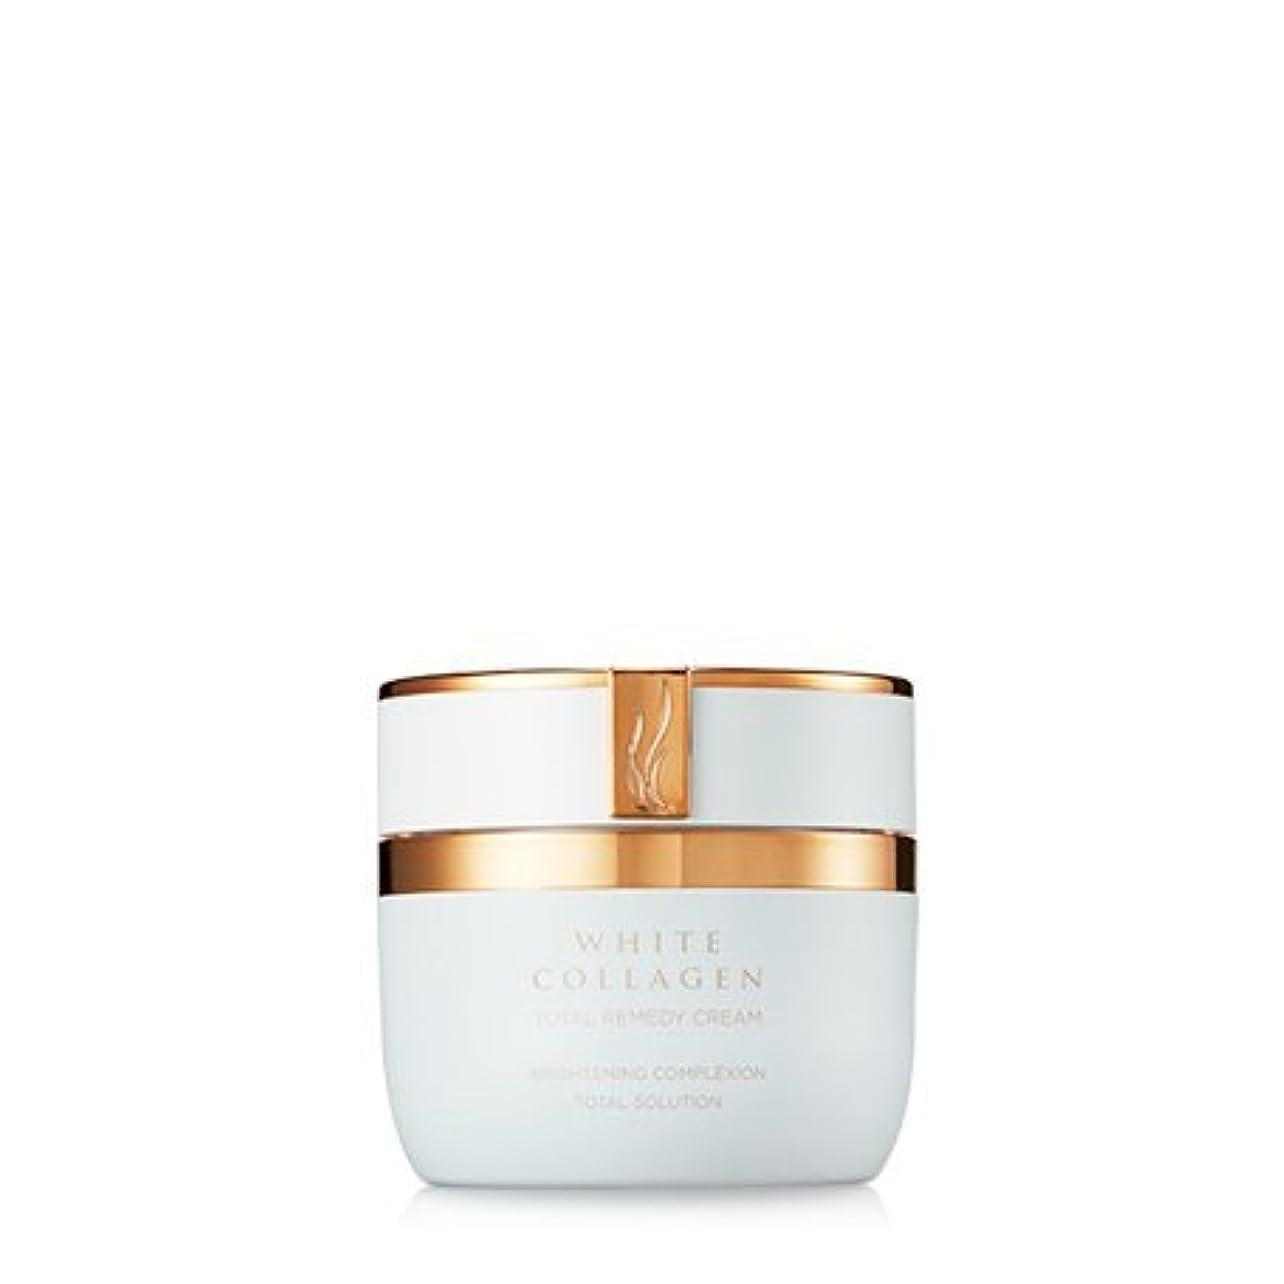 と闘うりんご下る[New] A.H.C (AHC) White Collagen Total Remedy Cream 50g/A.H.C ホワイト コラーゲン トータル レミディ クリーム 50g [並行輸入品]